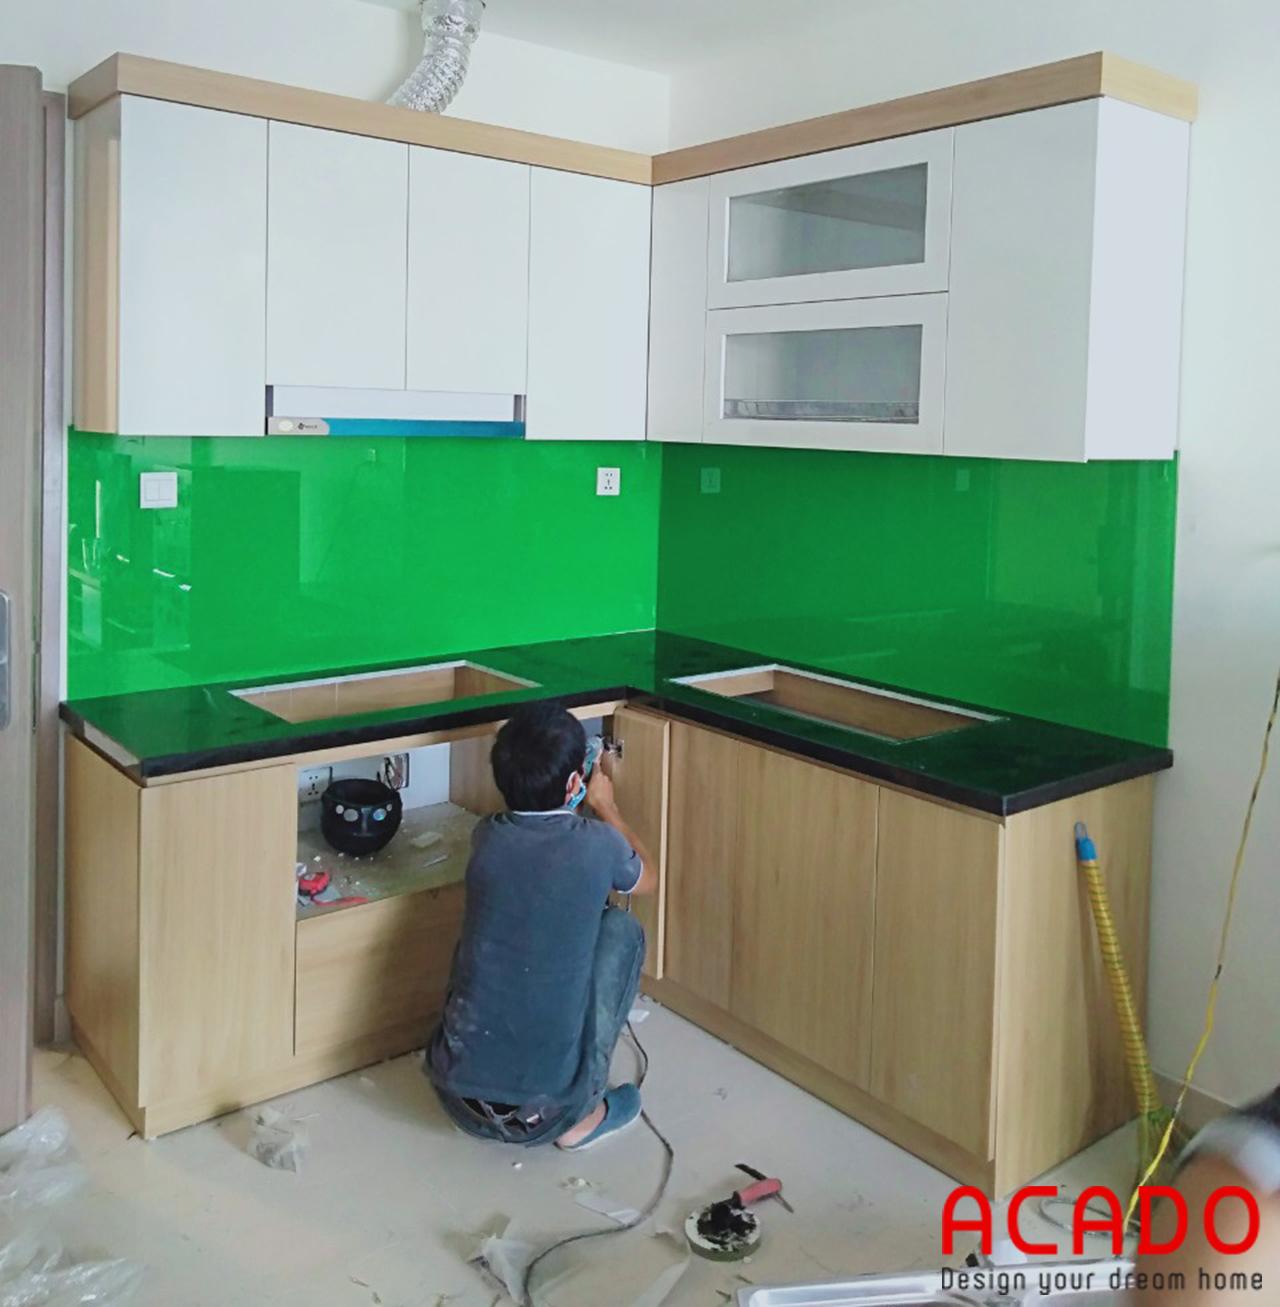 Tủ bếp chất liệu gỗ công nghiệp Melamine chống ẩm cho độ bền cao